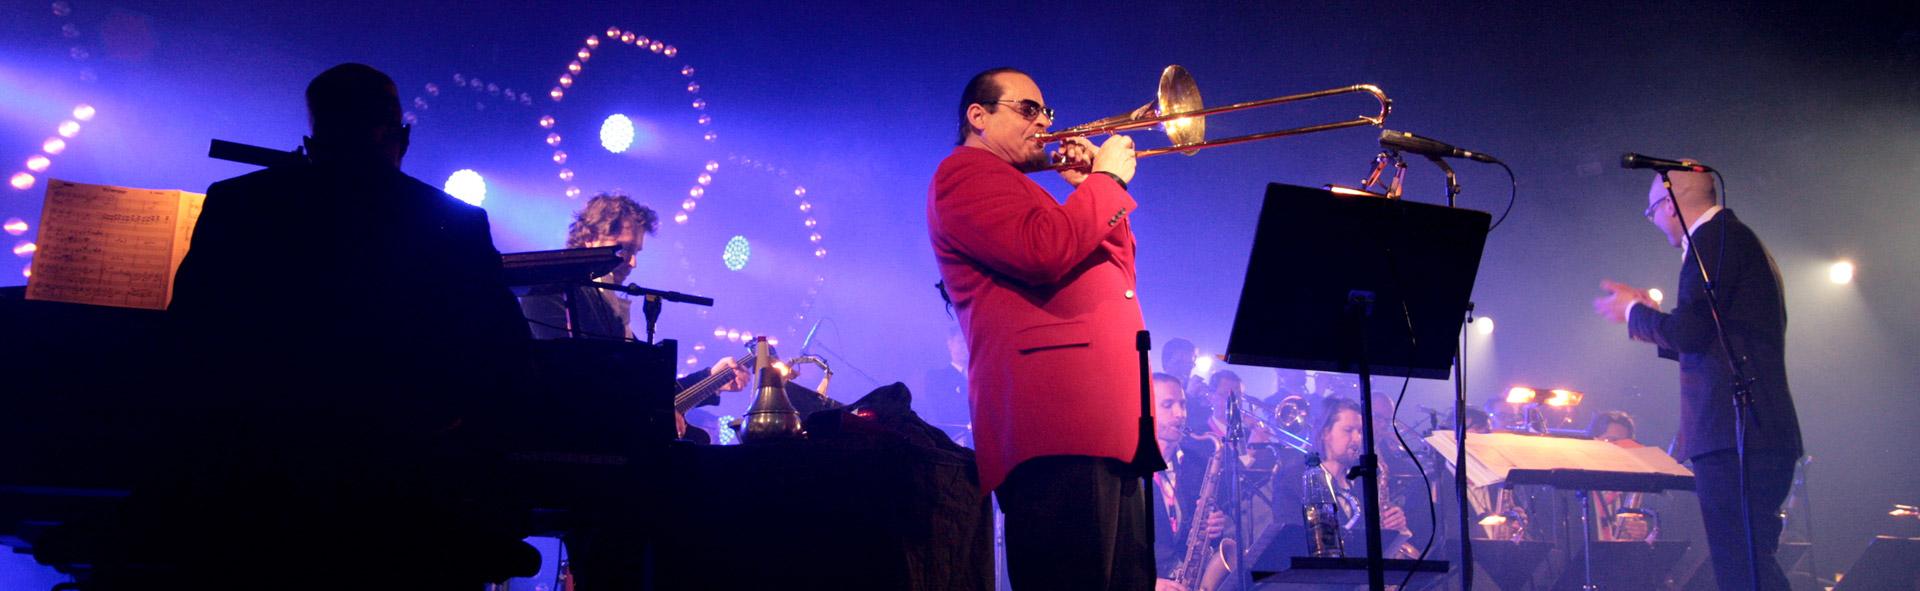 Orkesteri soittamassa April Jazz tapahtumassa